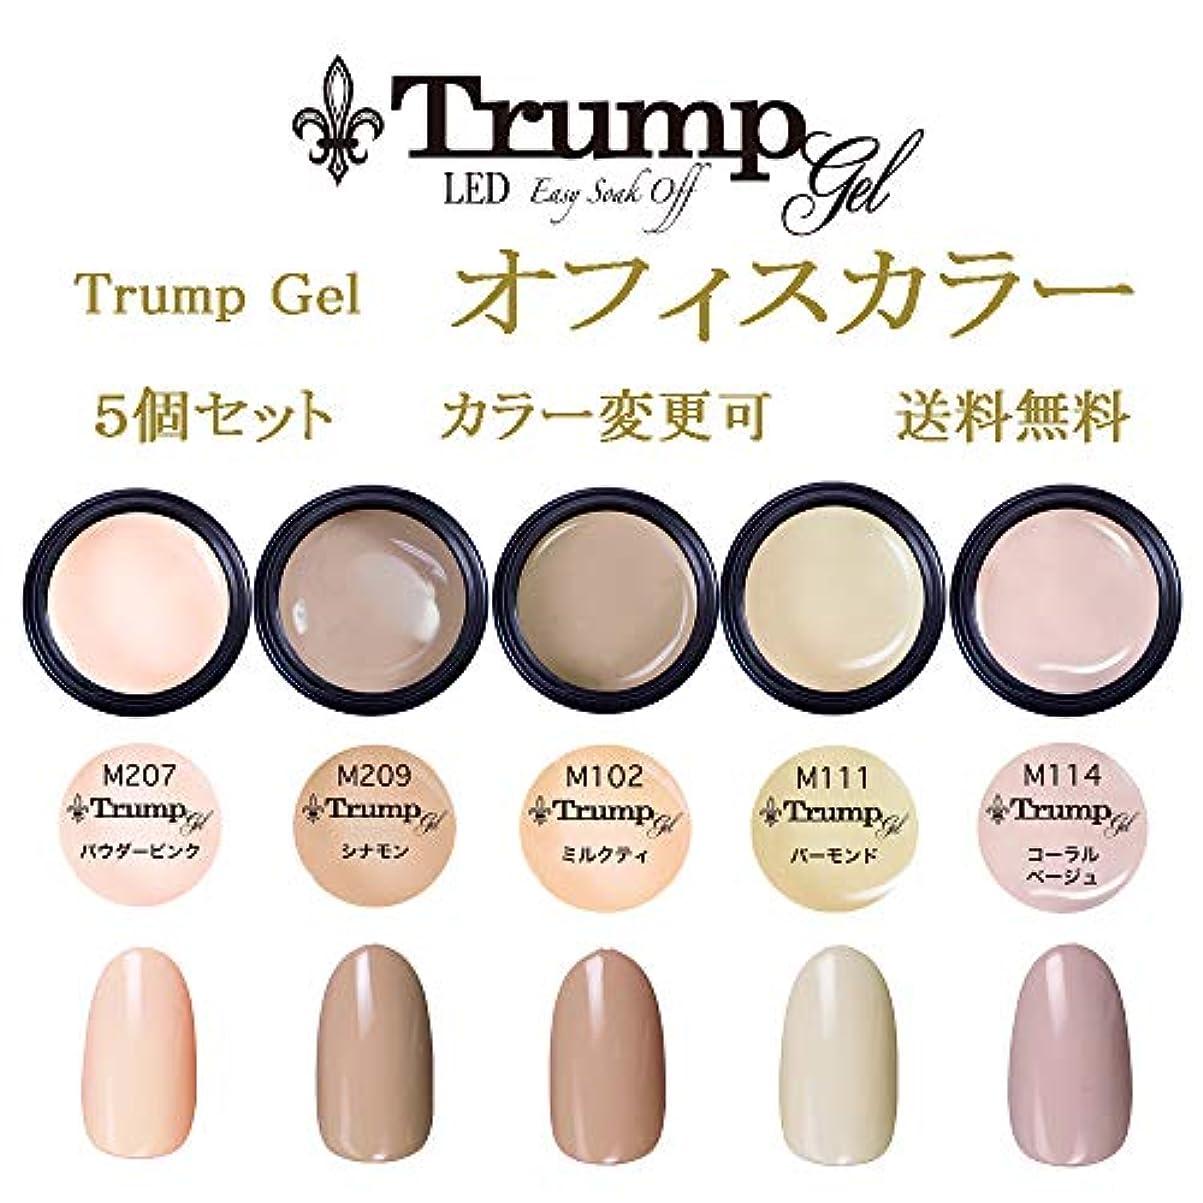 日本製 Trump gel トランプジェル オフィスカラー 選べる カラージェル 5個セット ベージュ ブラウン ピンク ホワイト ビジネス カジュアル オフィス